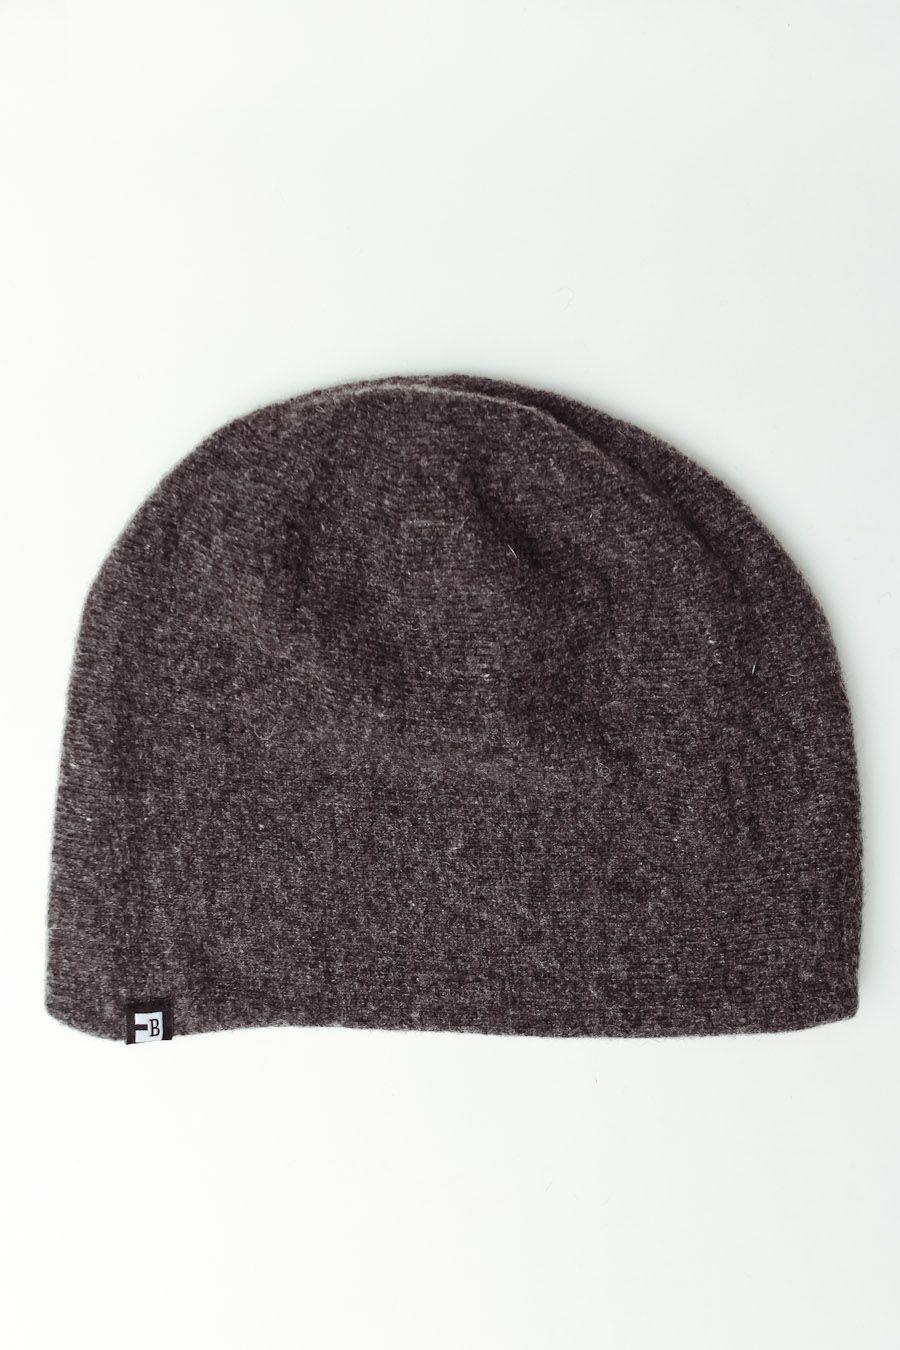 10 - Block - Knit Beanie in Charcoal Cappelli Da Uomo c9c5fe3e87d4